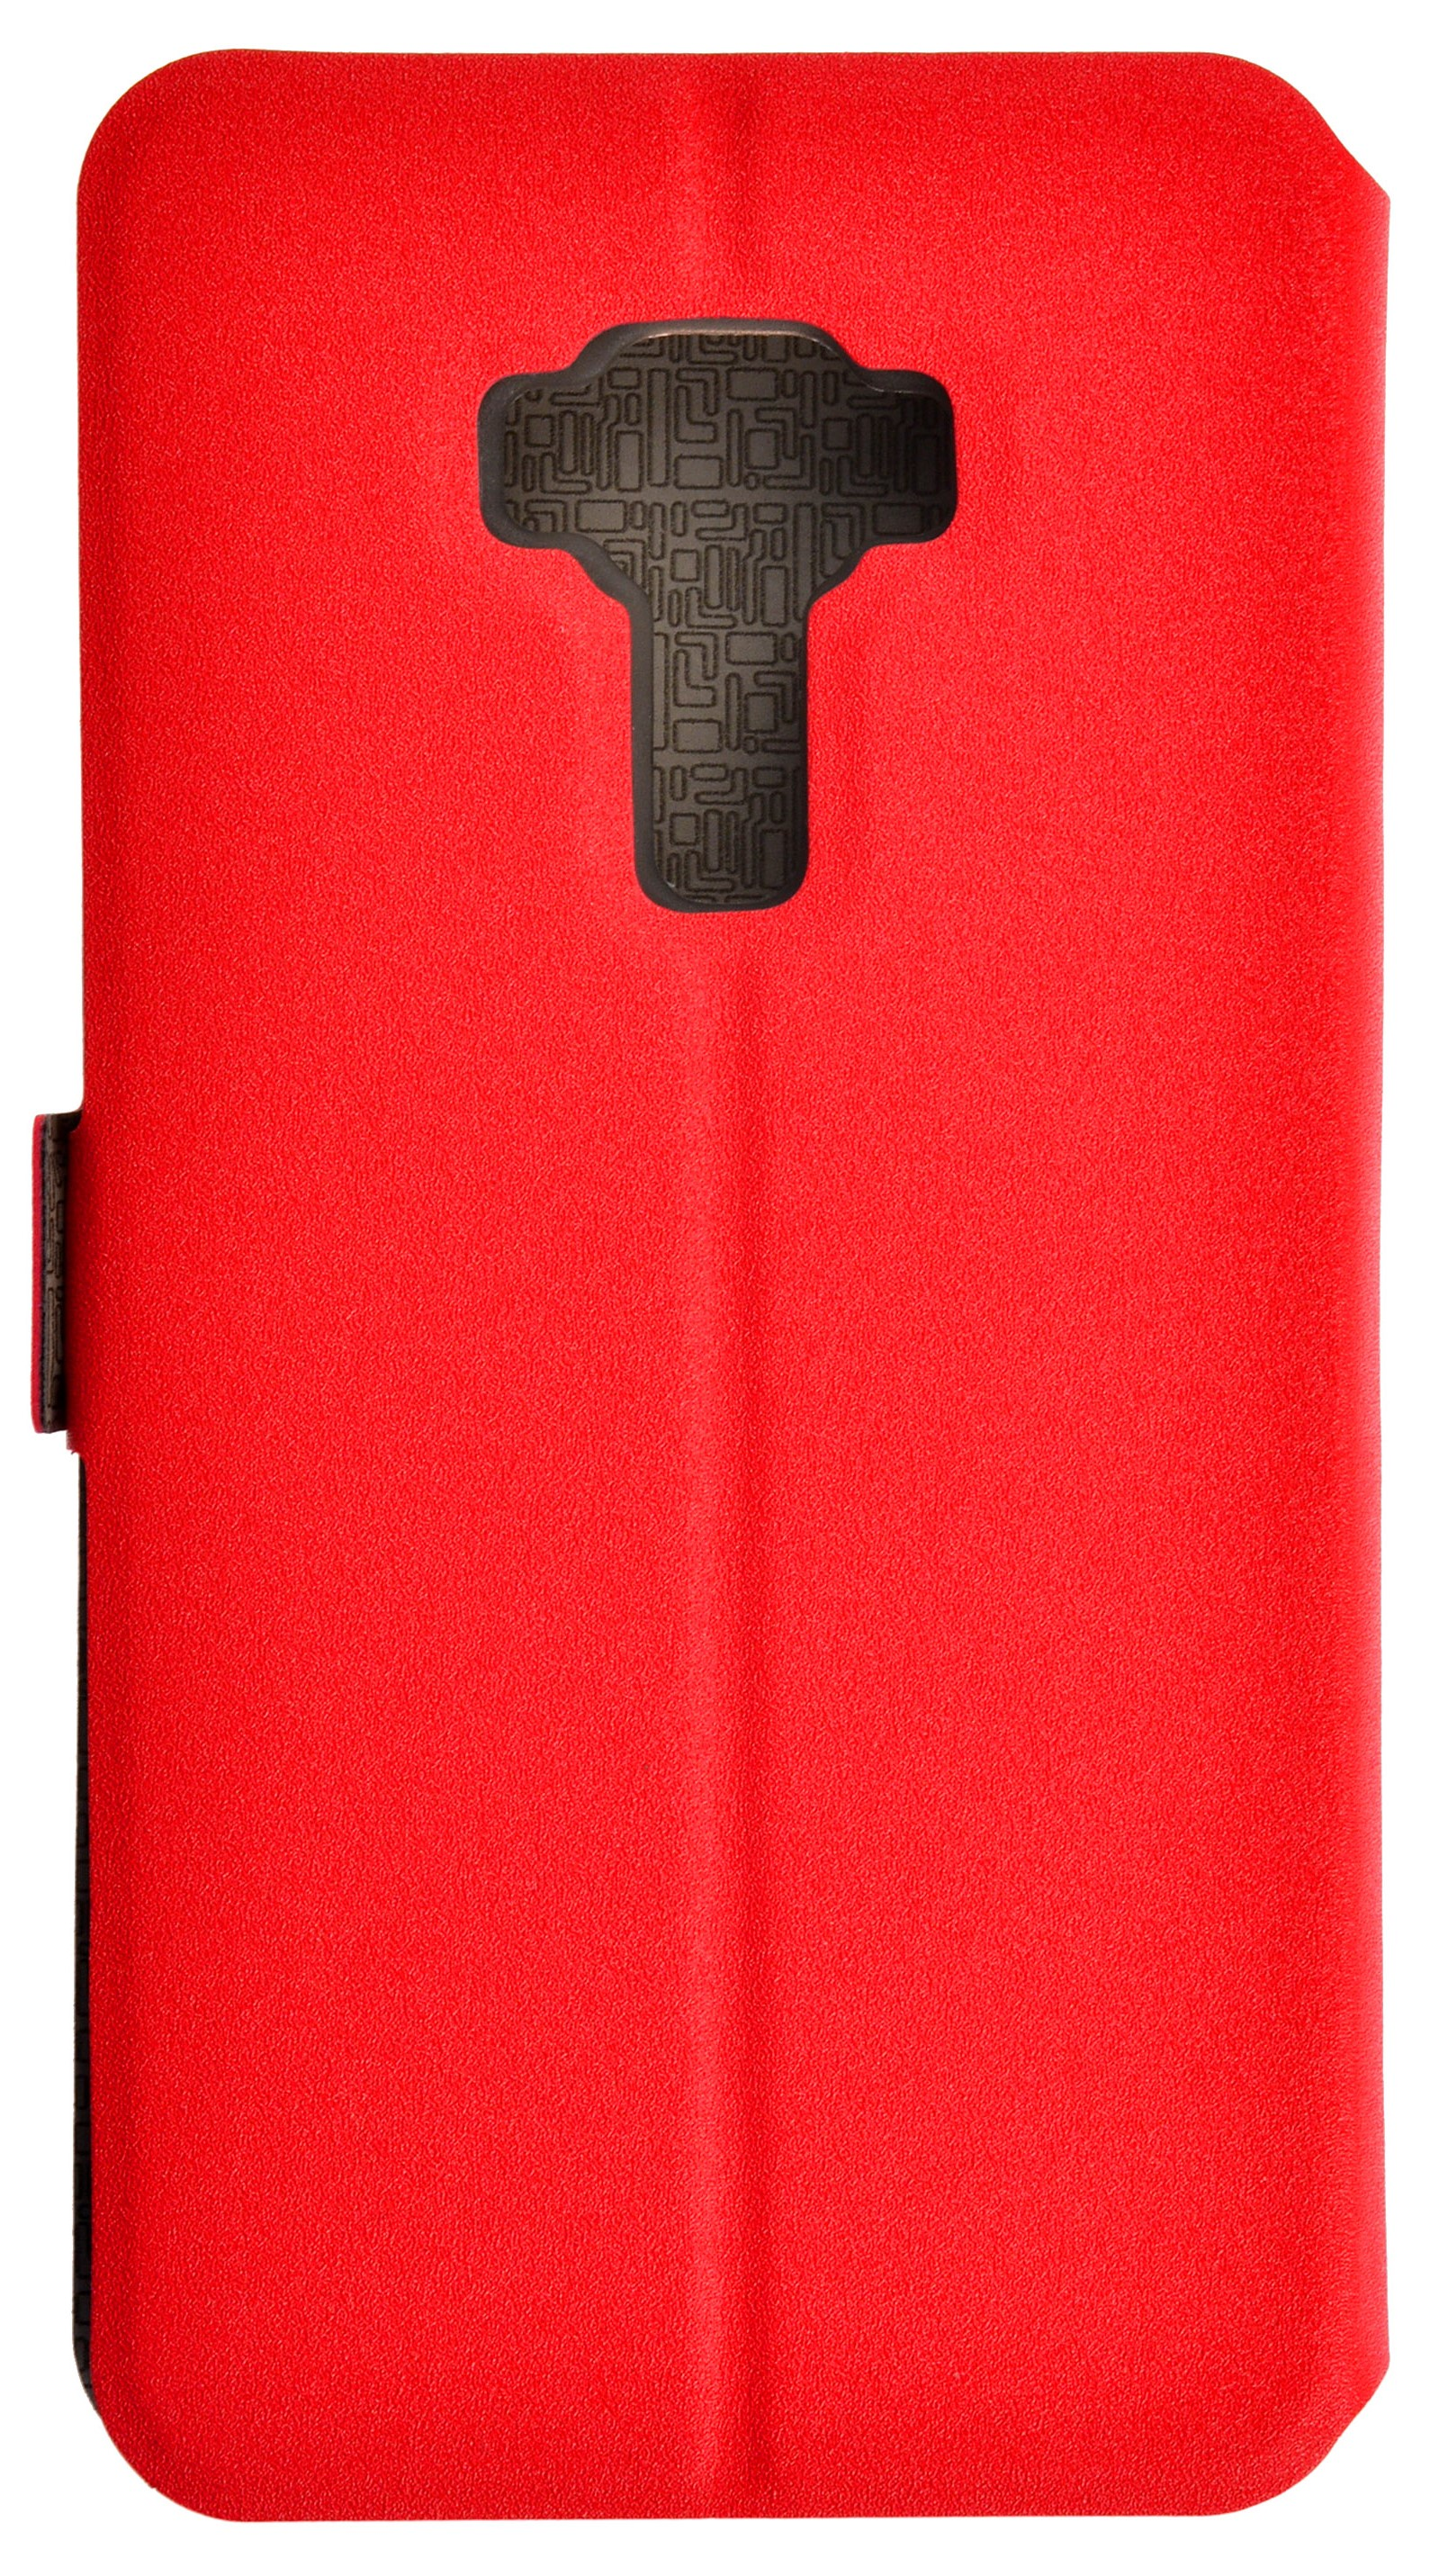 цена на Чехол для сотового телефона PRIME Book, 4630042522374, красный